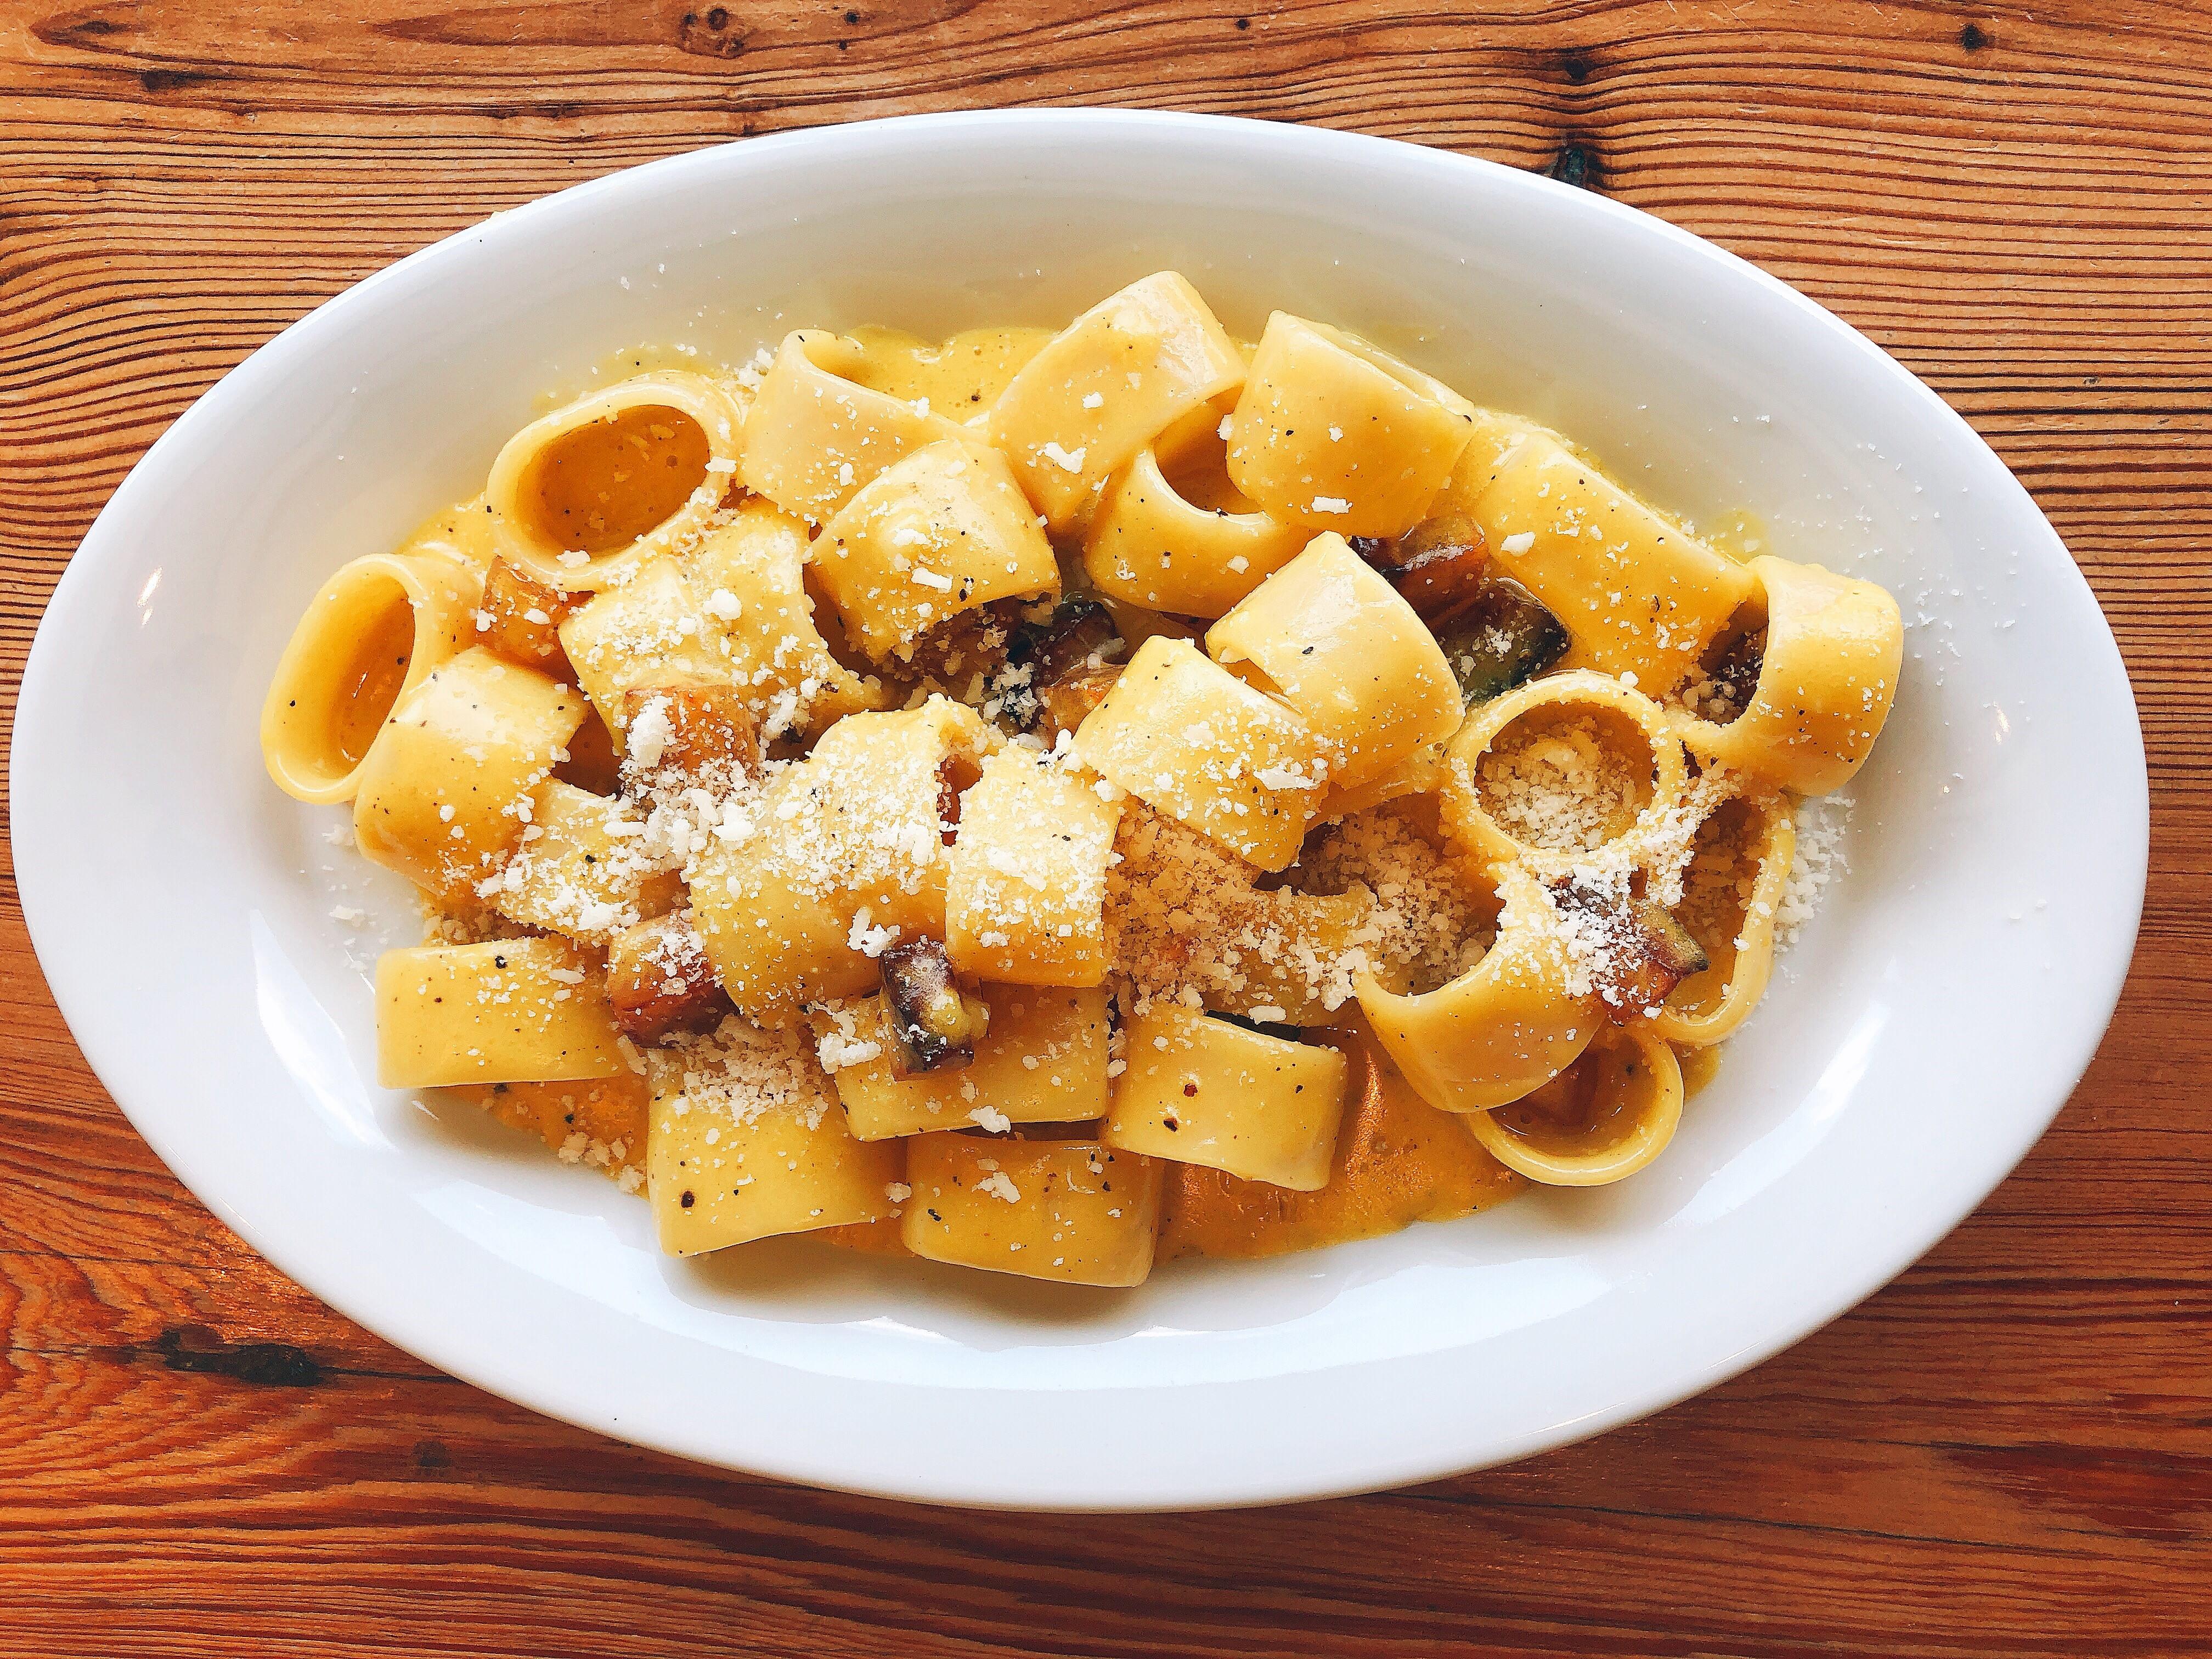 A bowl of carbonara pasta at Forza Storico